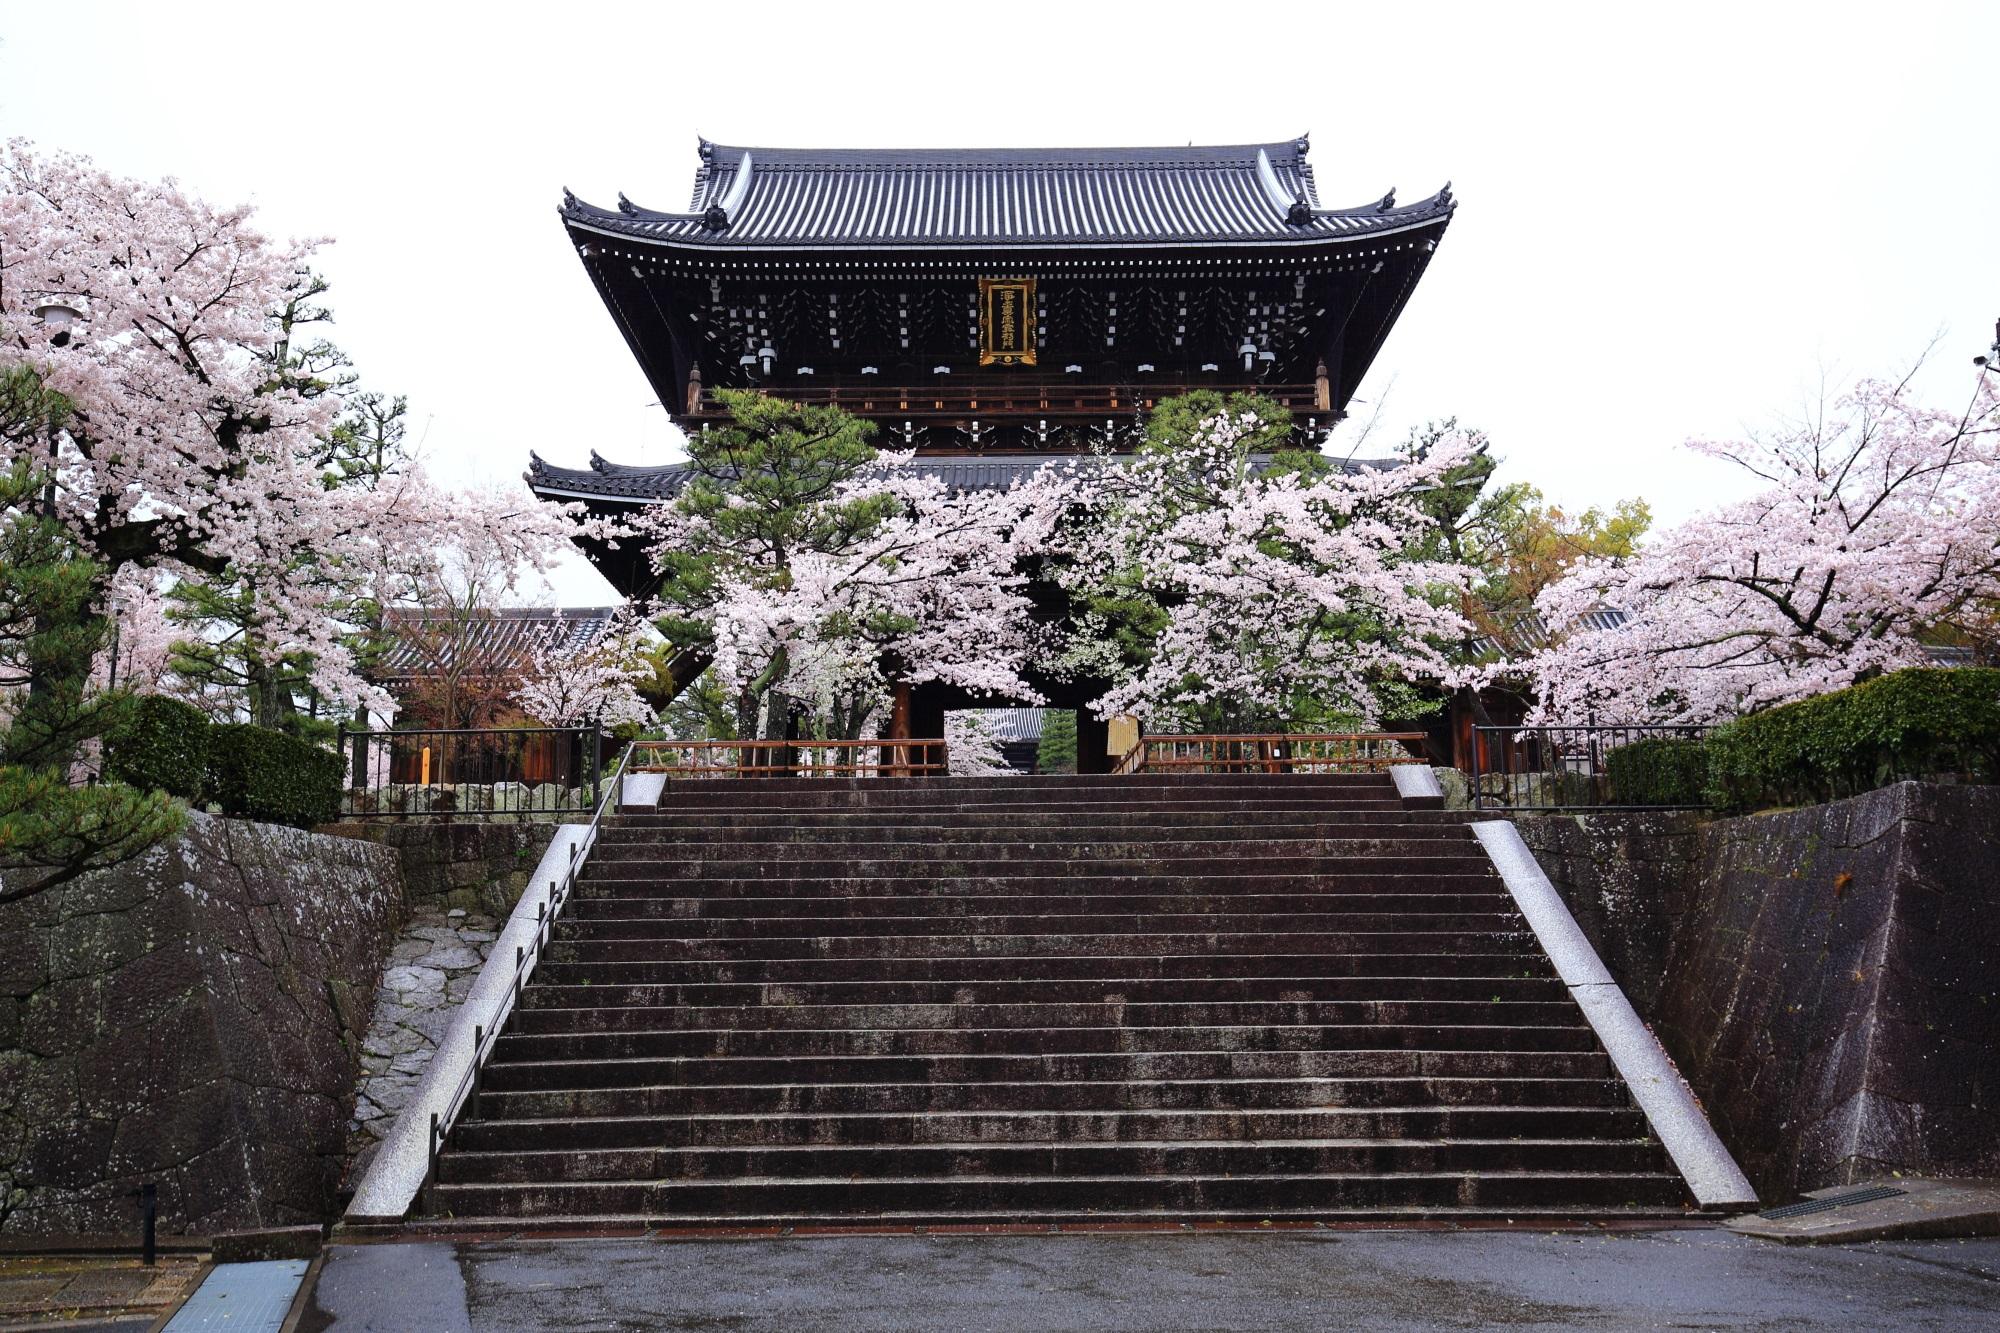 金戒光明寺(こんかいこうみょうじ)の山門と桜